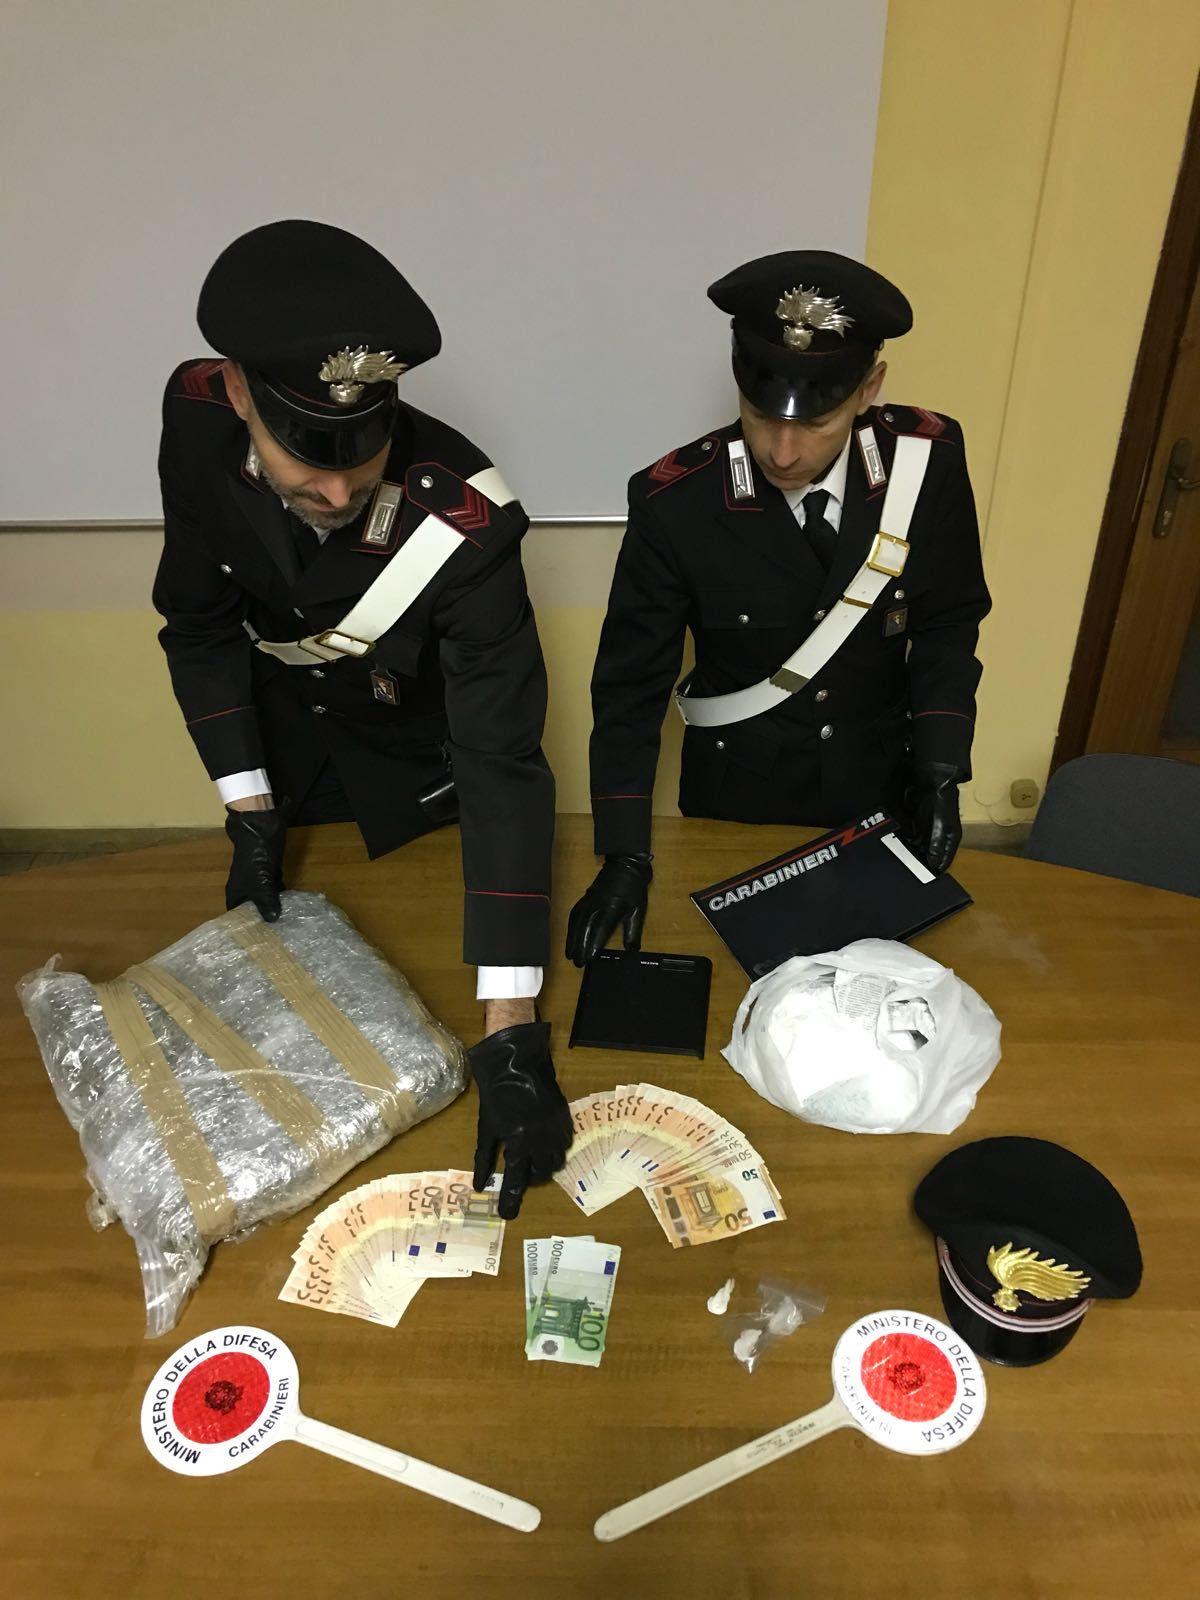 La Guida - In casa 4 kg. di droga: arrestato